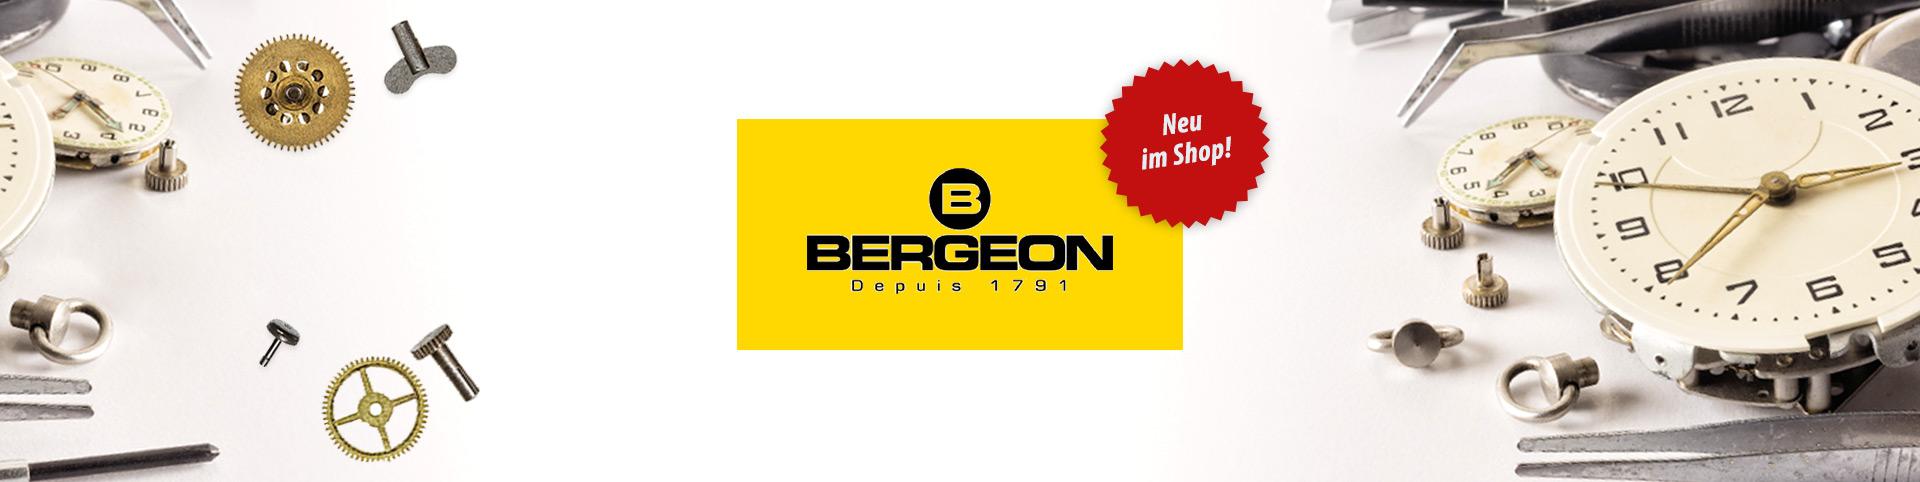 DE_Bergeon